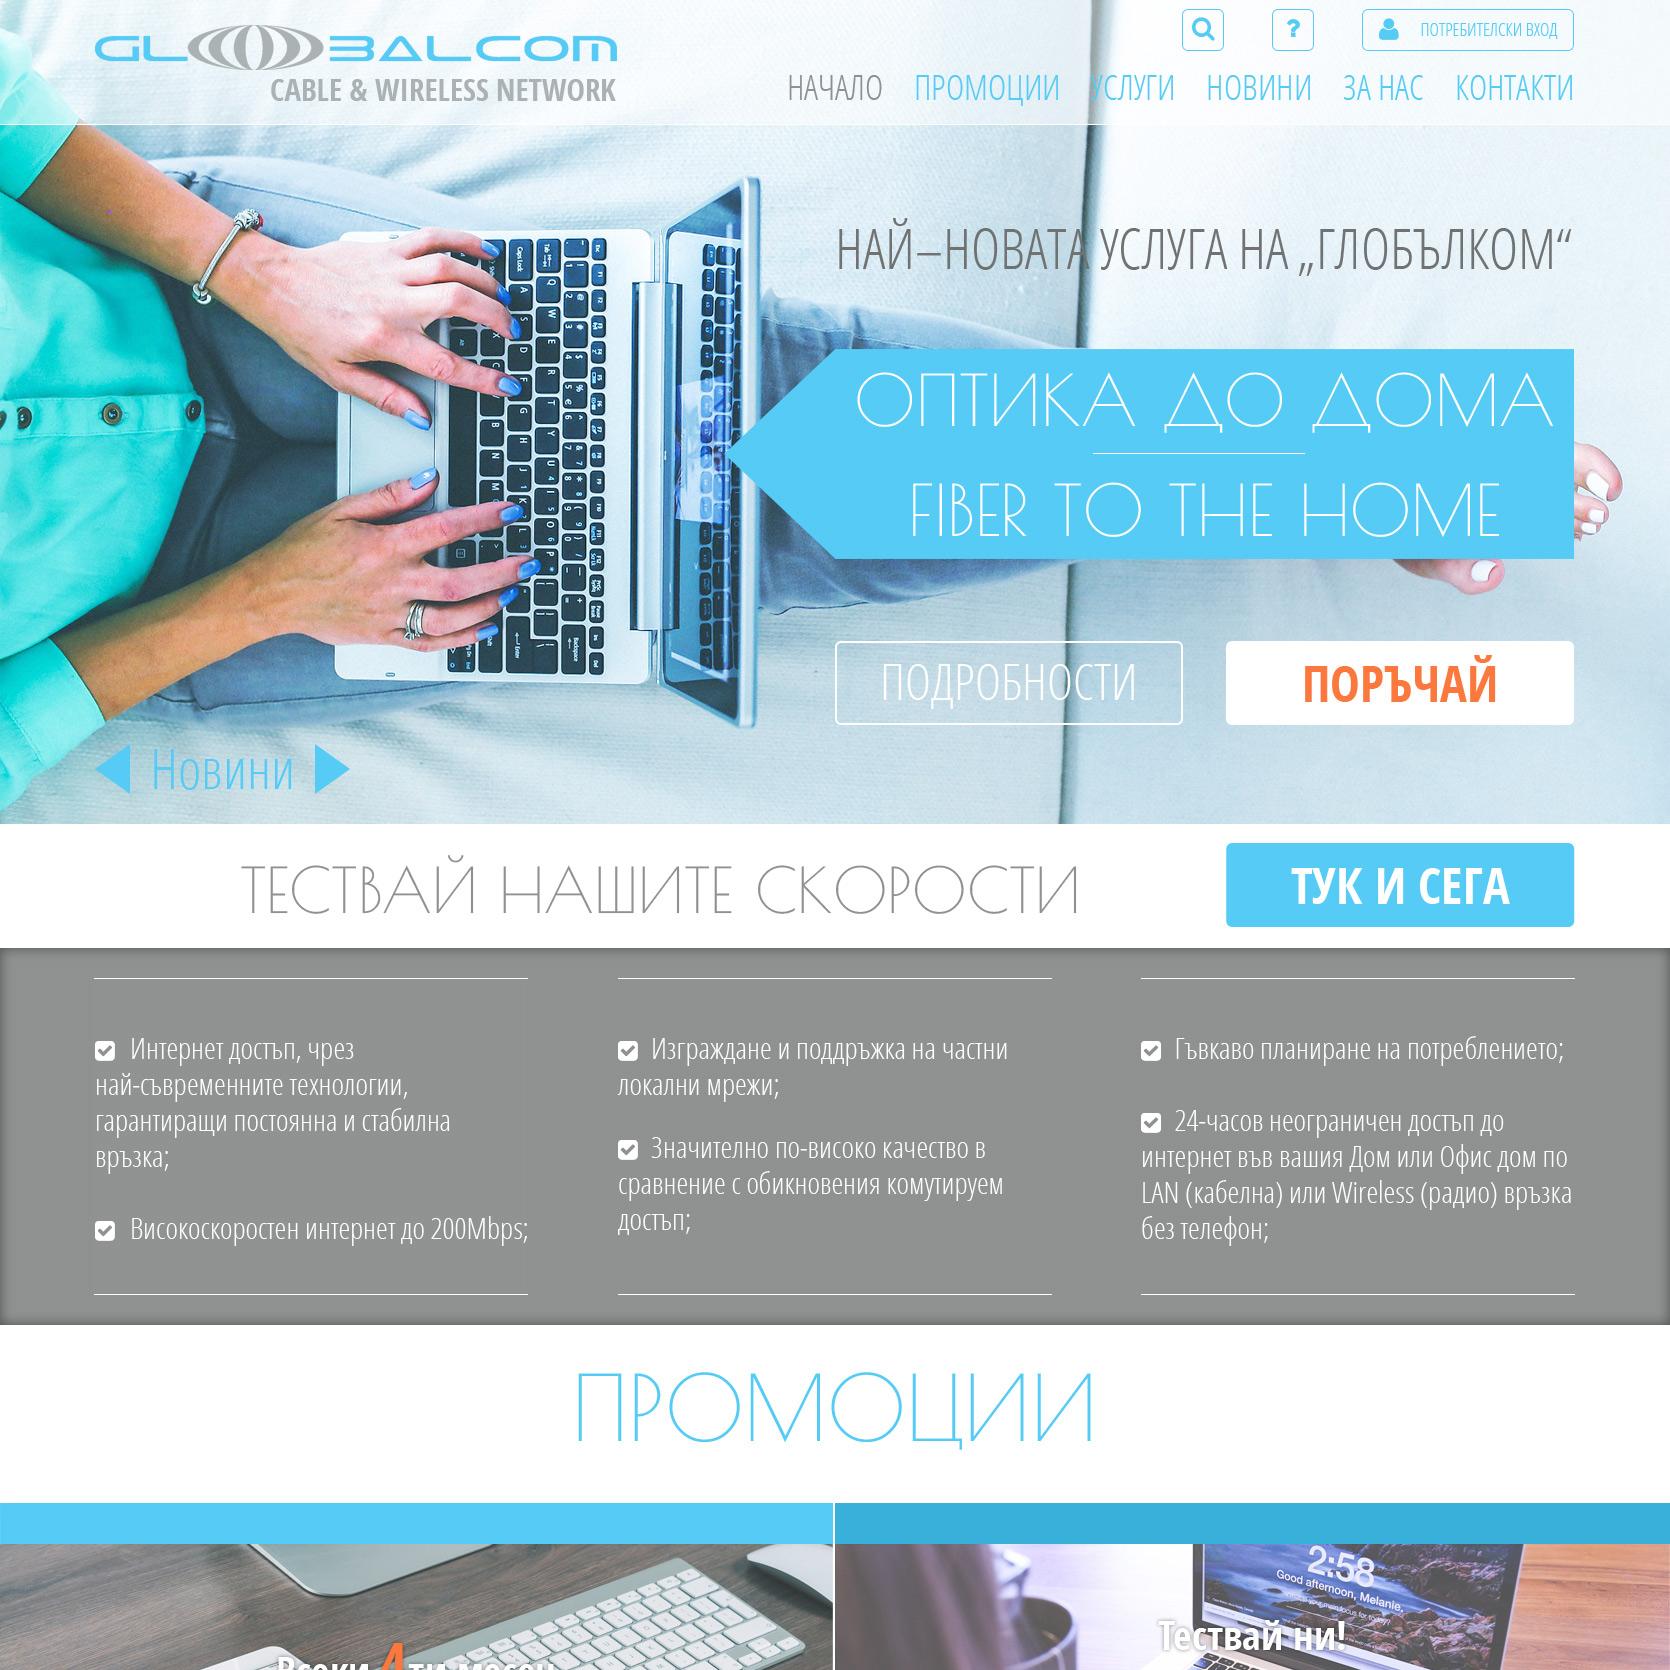 globalcom website design